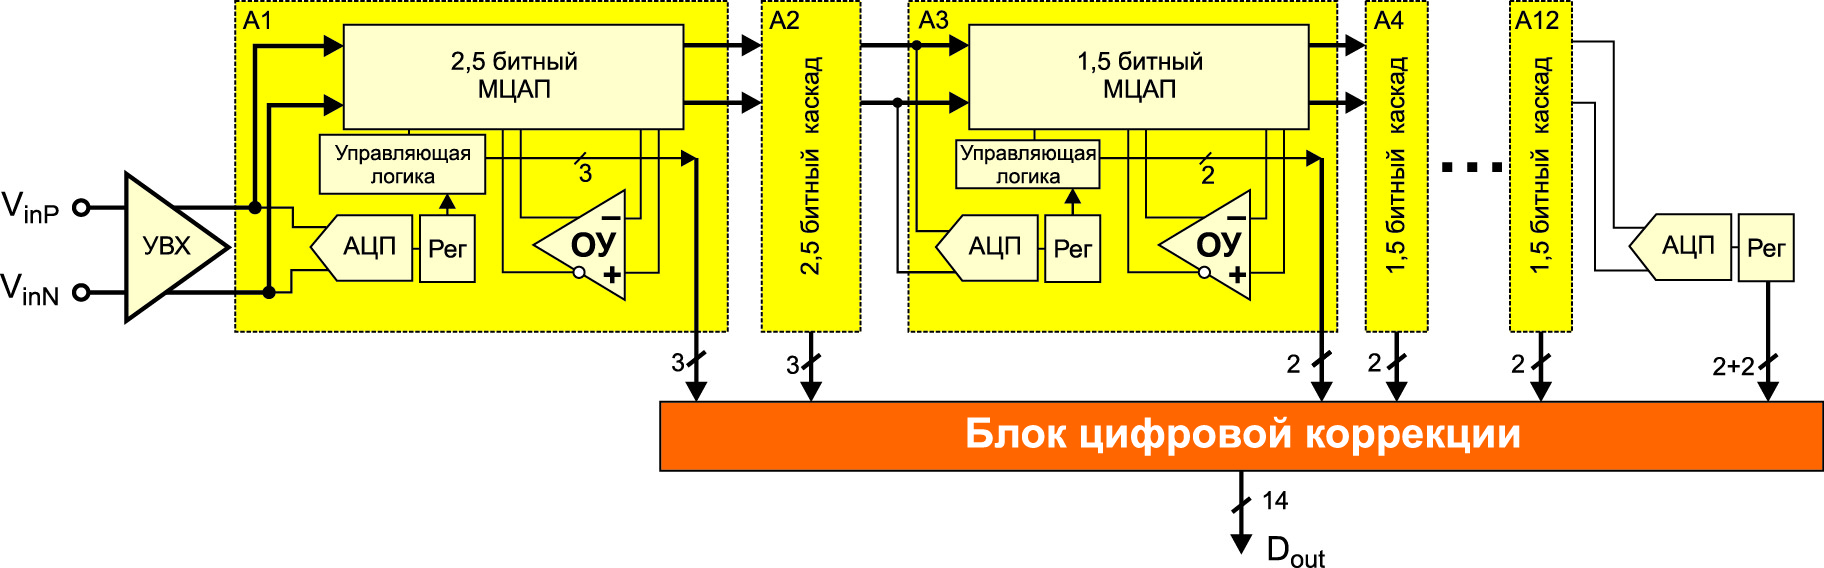 Функциональная схема используемой конвейерной архитектуры